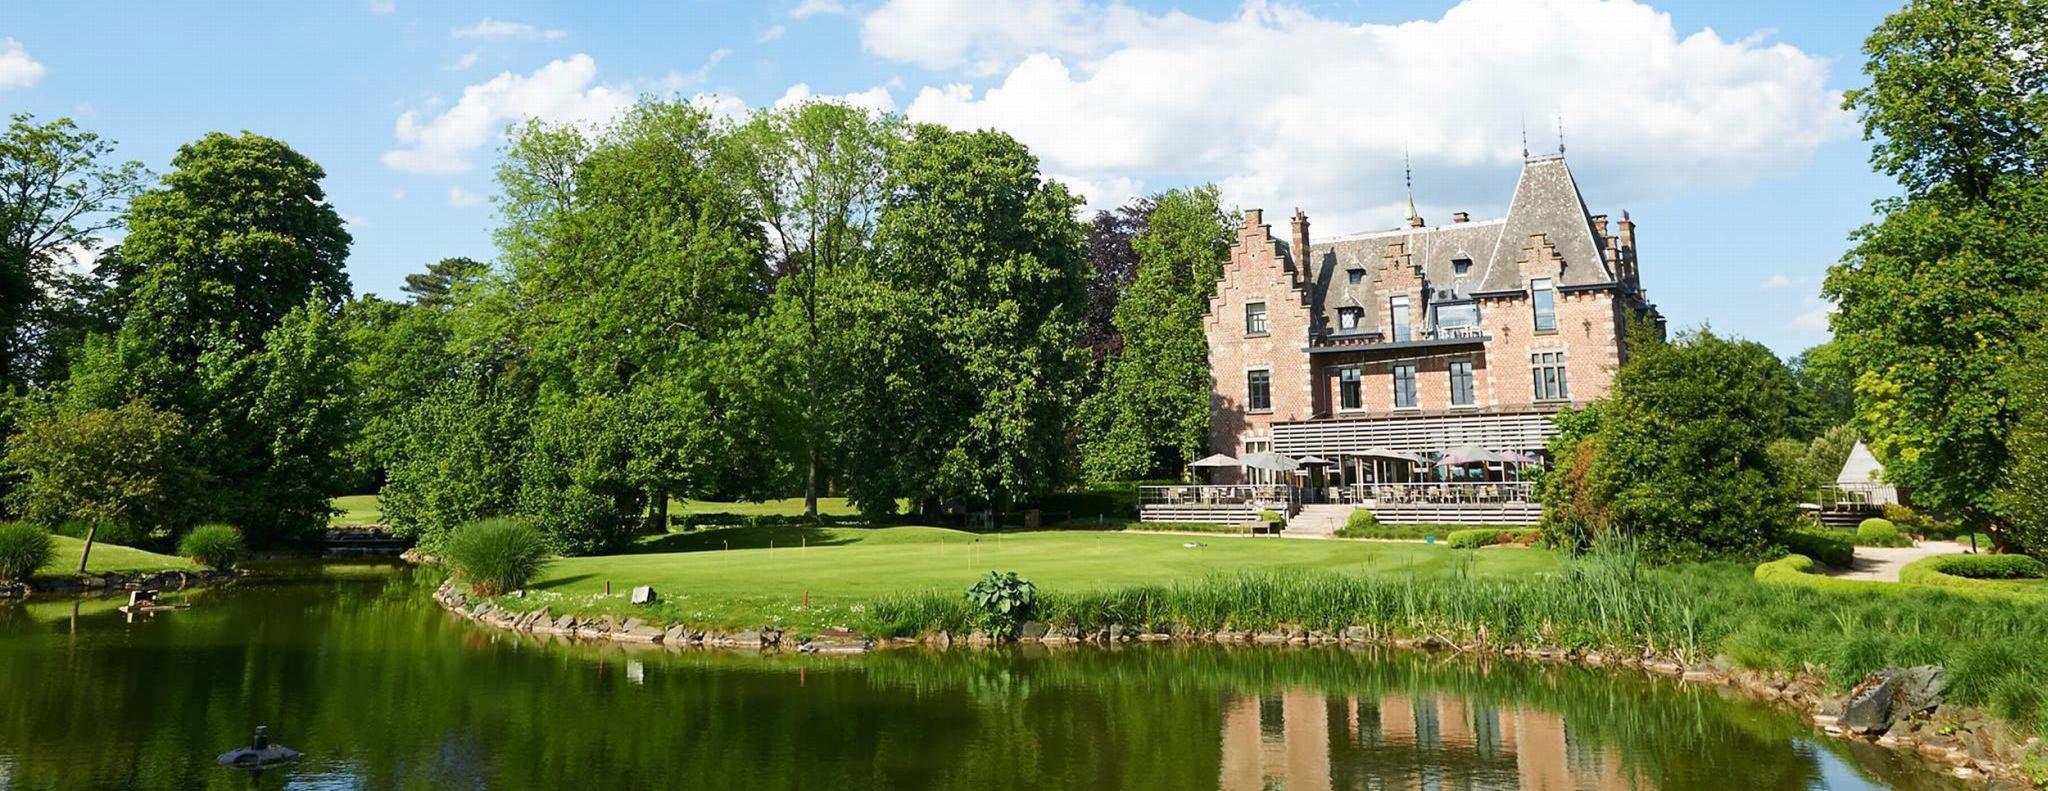 golf-expedition-golfreizen-naar-belgie-mooiste-golfbanen-beste-golflocaties